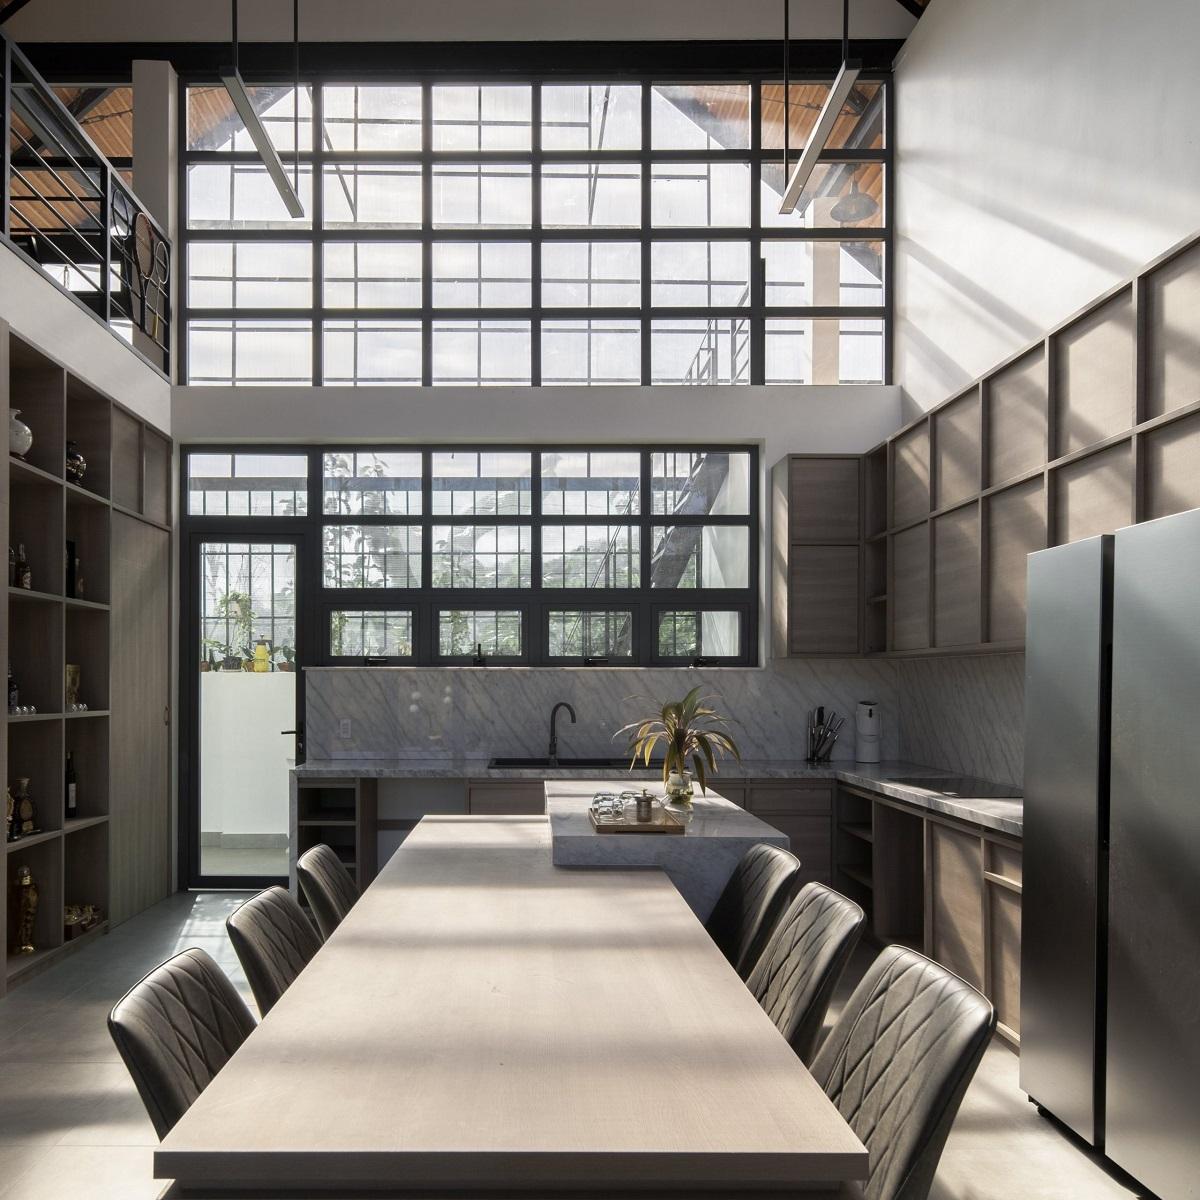 kienviet xuan anh house tan huong khong gian yen binh garchitects 3 - Nhà Xuân Anh - Tìm về chốn yên bình